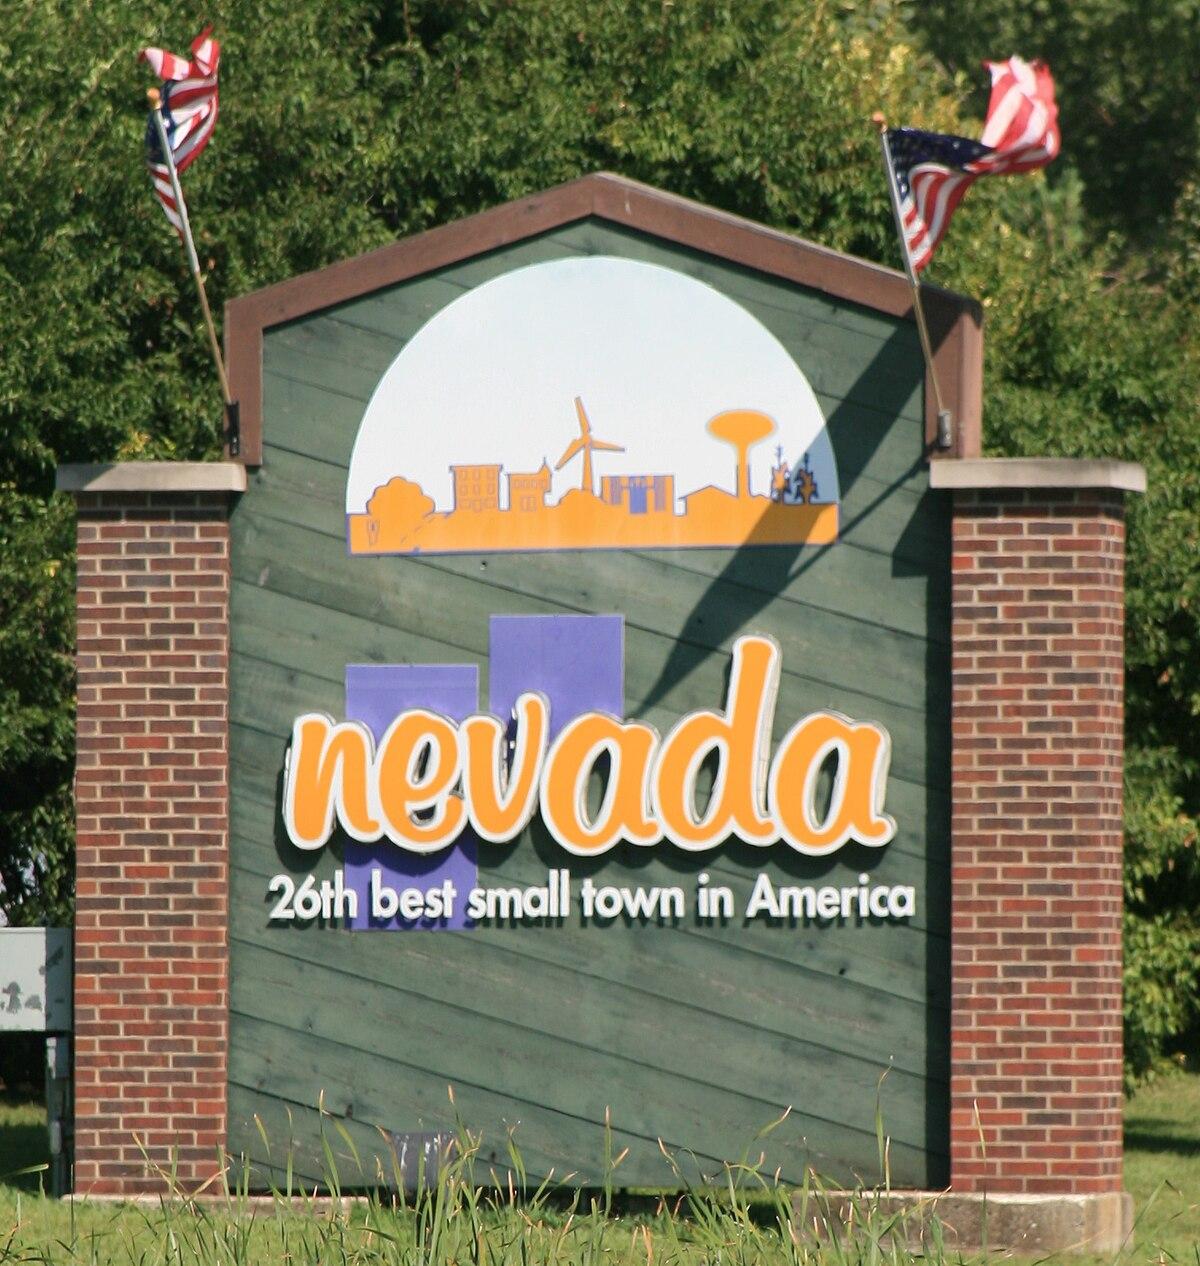 Nevada Iowa Wikipedia